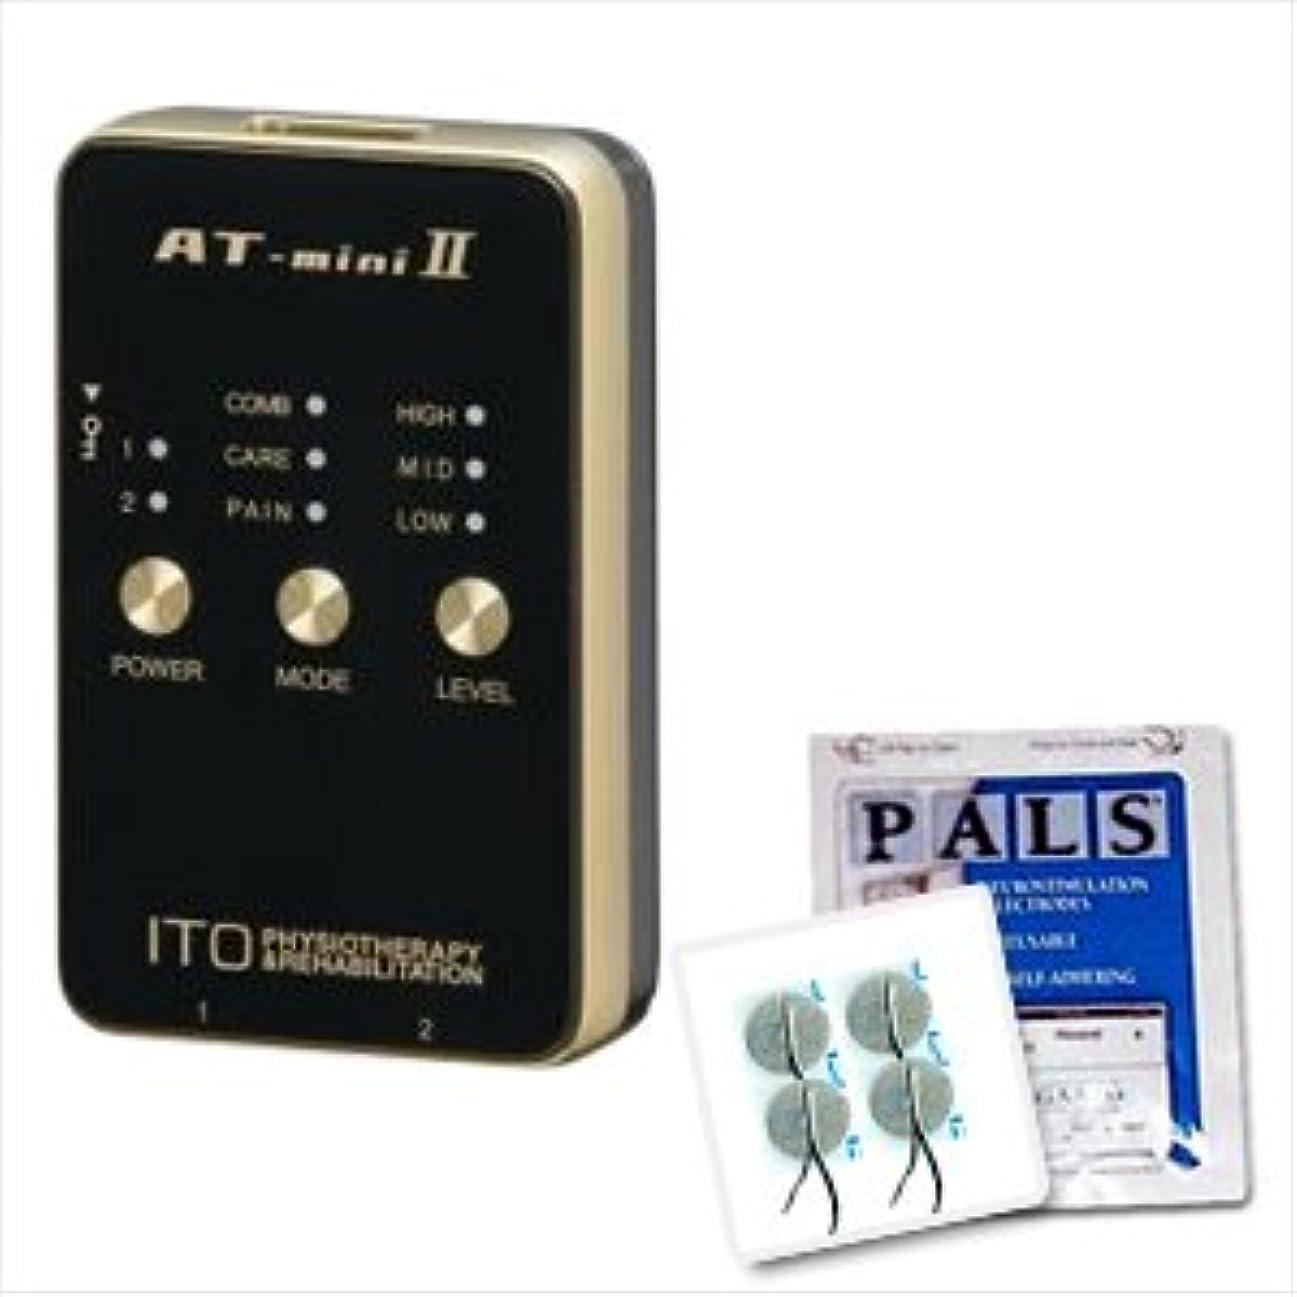 変更可能無数の素朴な低周波治療器 AT-mini II ブラック+アクセルガードSサイズ(円:直径3cm:1袋4枚入)セット